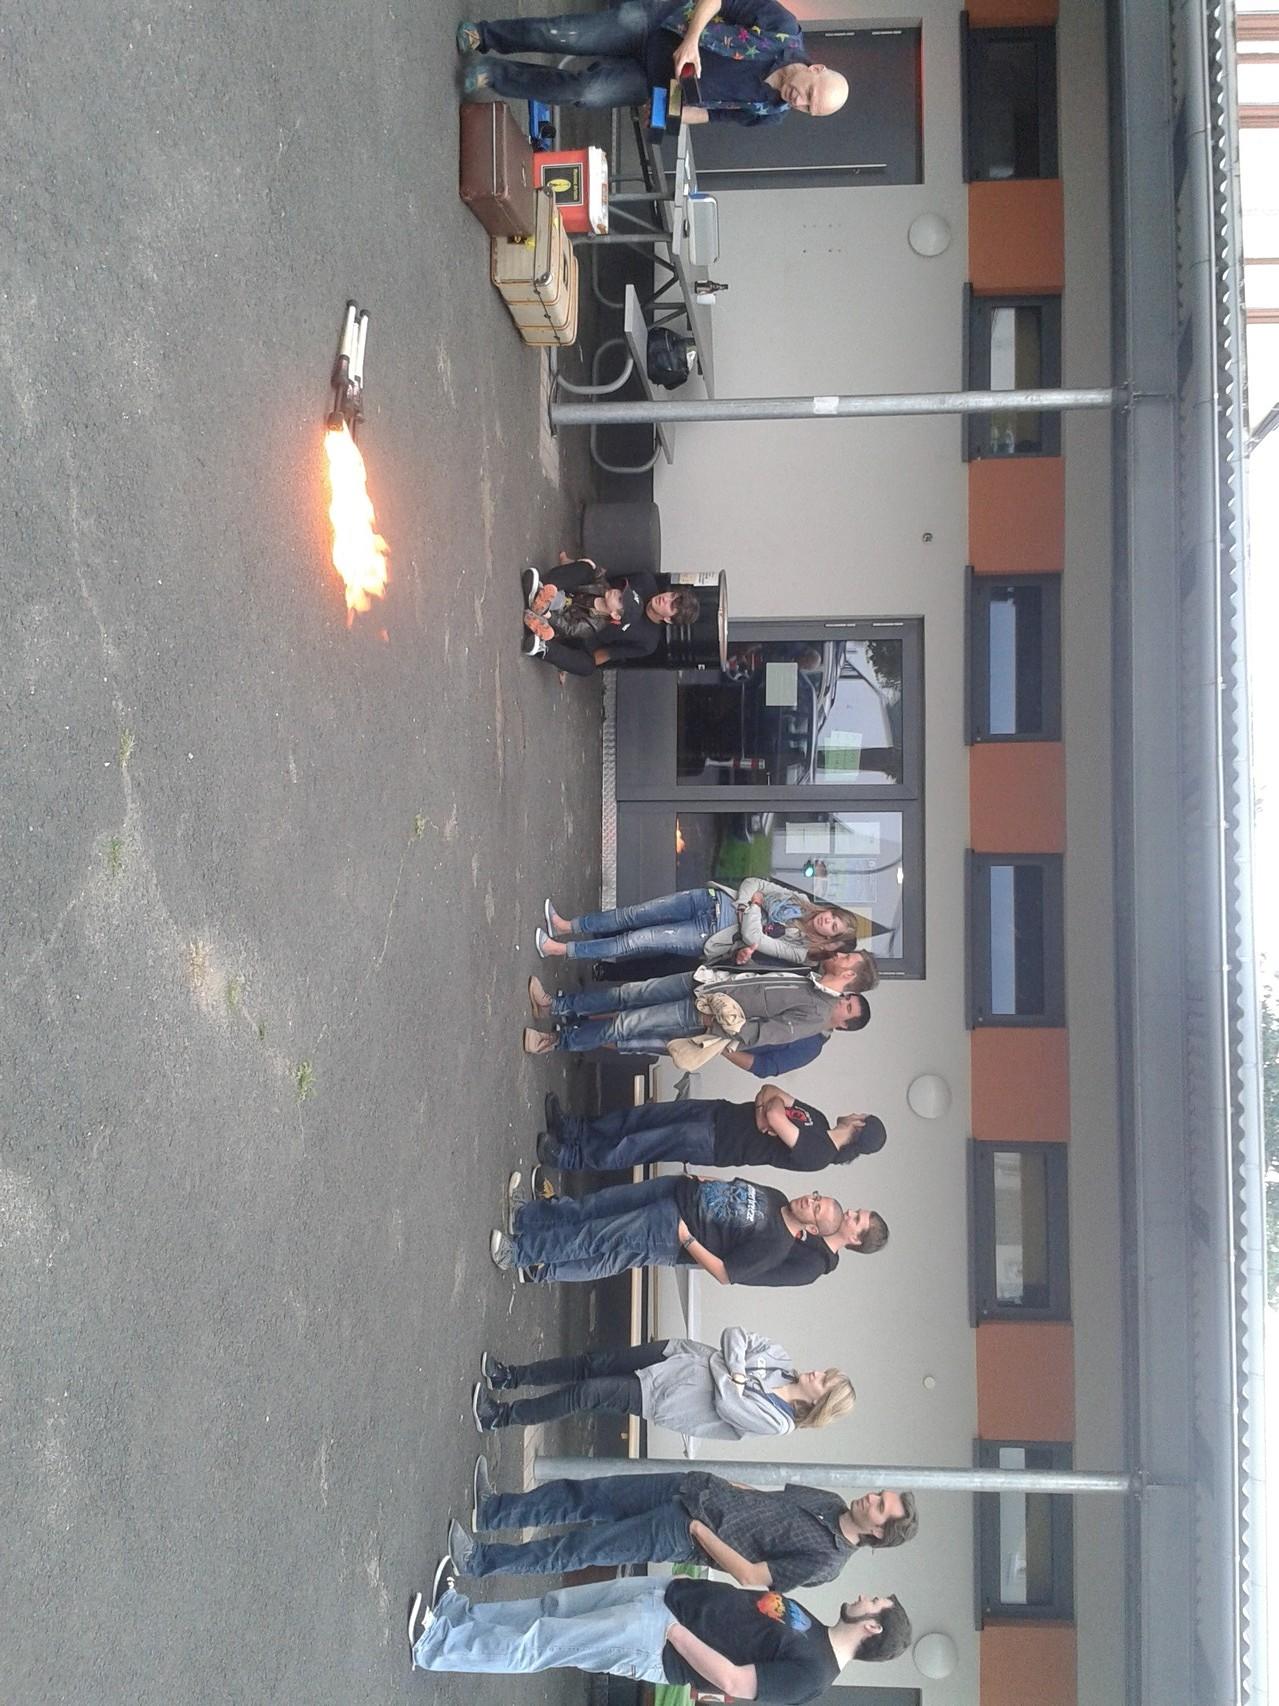 Zuschauer bei der Feuerjonglage